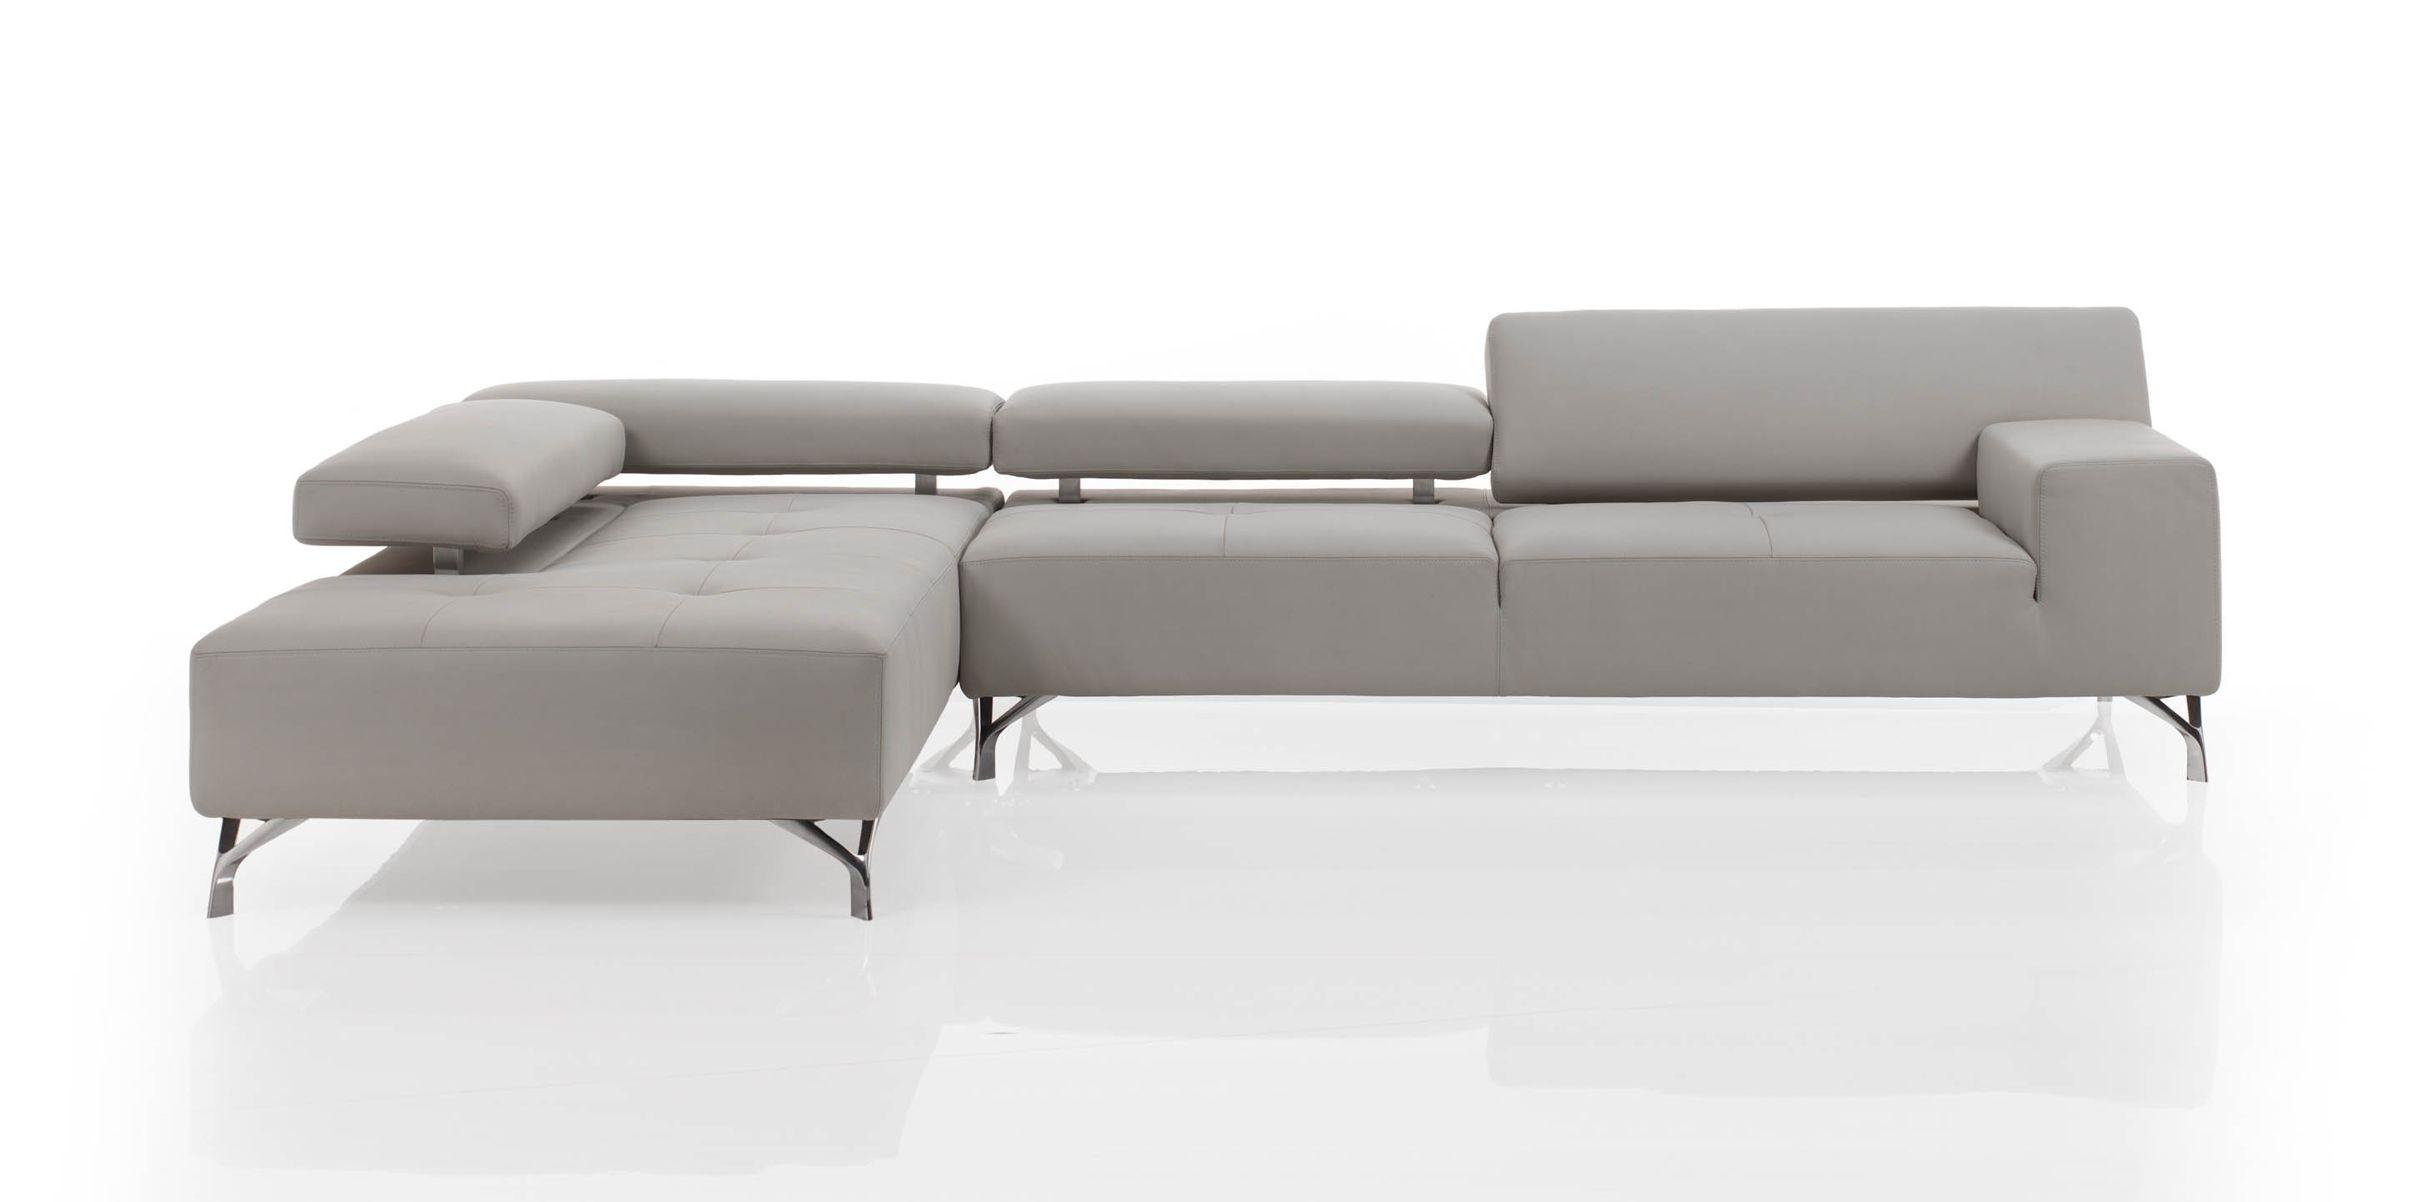 Miami Modern Sectional Sofa | Cierre Imbottiti Regarding Miami Sectional Sofas (Image 5 of 10)